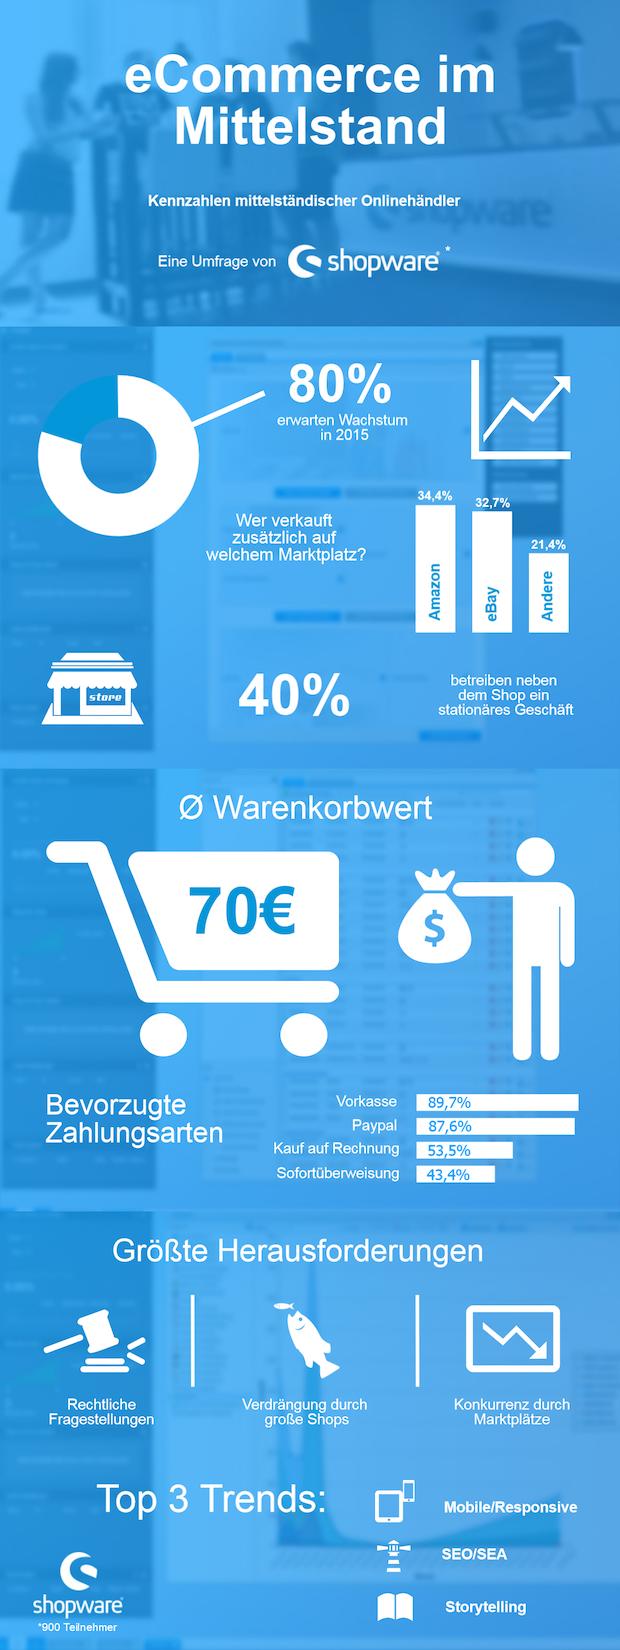 Photo of Shopware-Umfrage zum Onlinehandel: 80 Prozent der Händler erwarten Wachstum in 2015